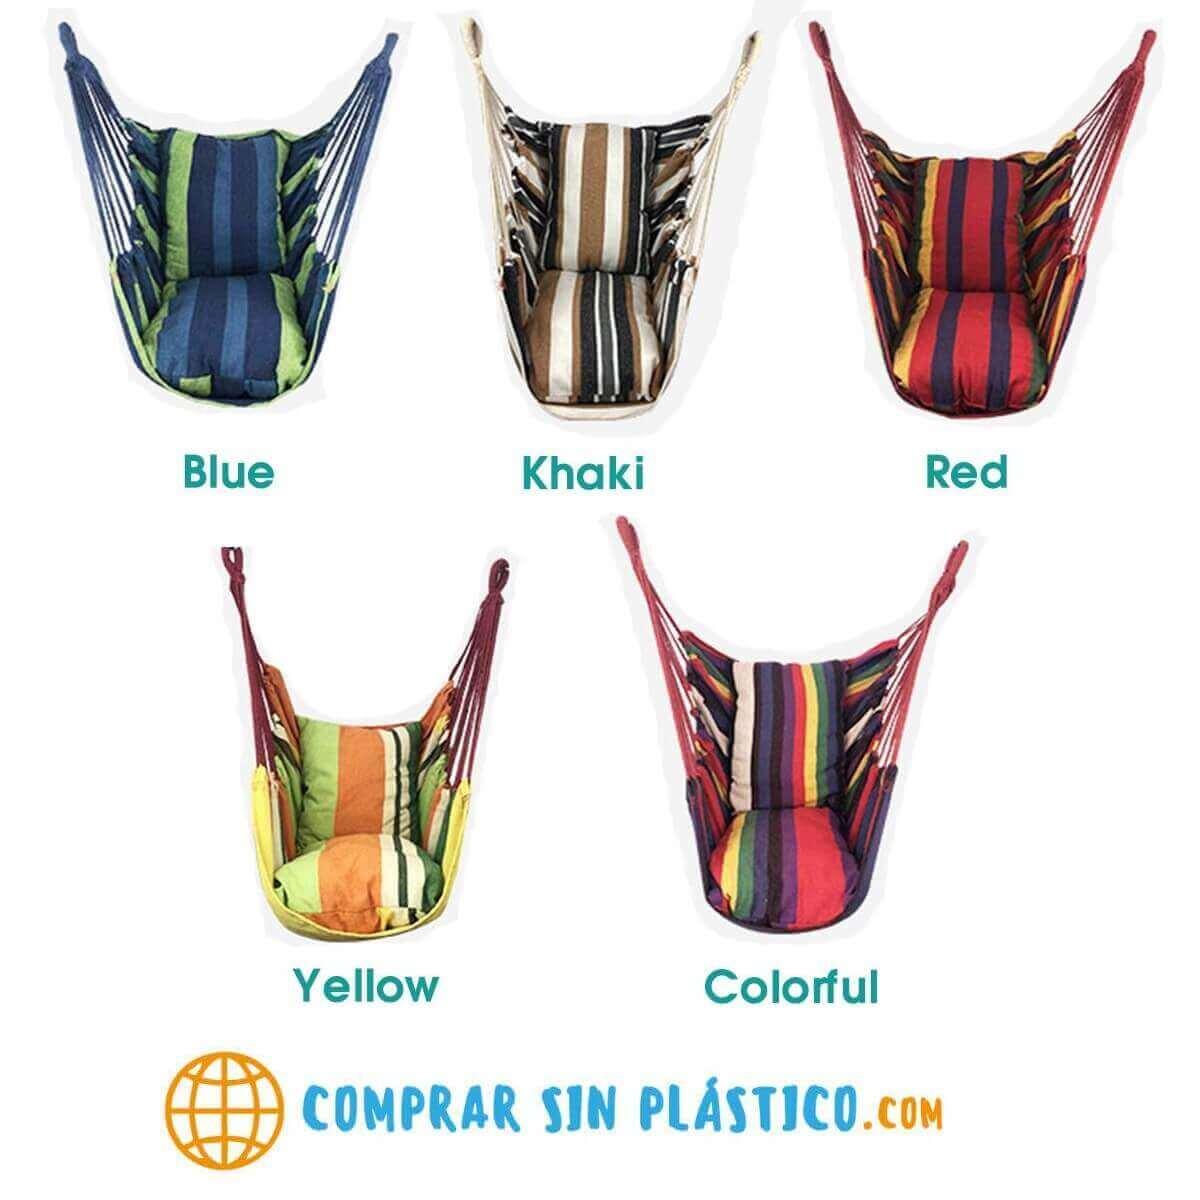 Silla Colgante Tela de ALGODÓN Colores, sin plástico, ecológica, sostenible, suave, cómoda, varios modelos comprar sin plástico